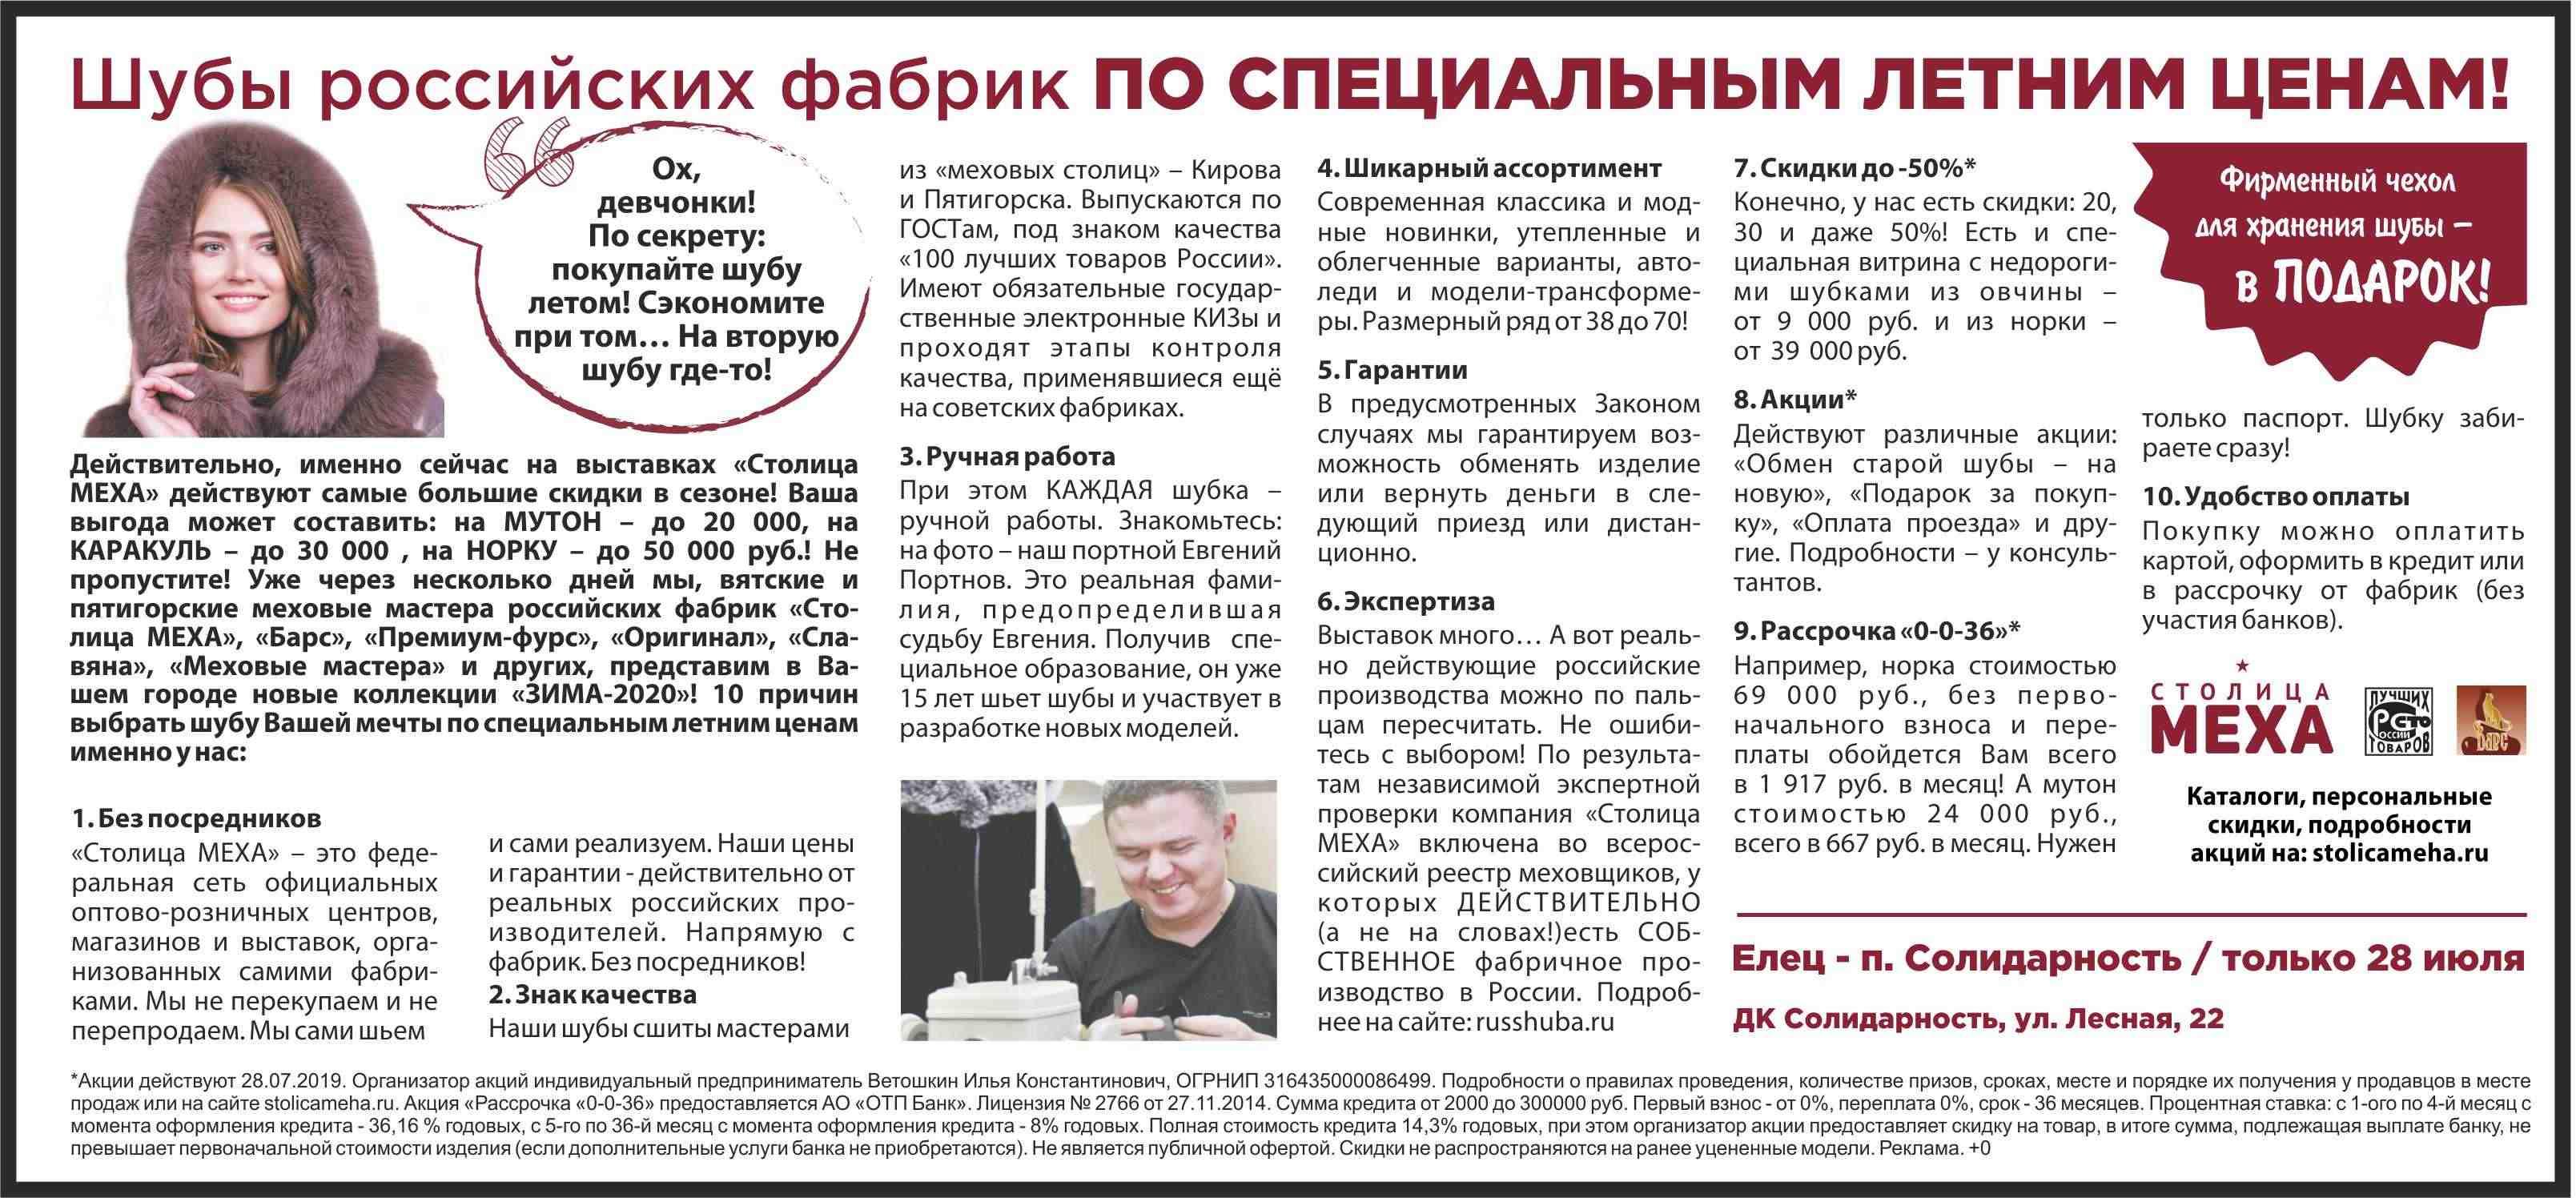 Шубы российских фабрик ДК Солидарность, ул. Лесная, 22 Тел. 8 (800) 201-10-07